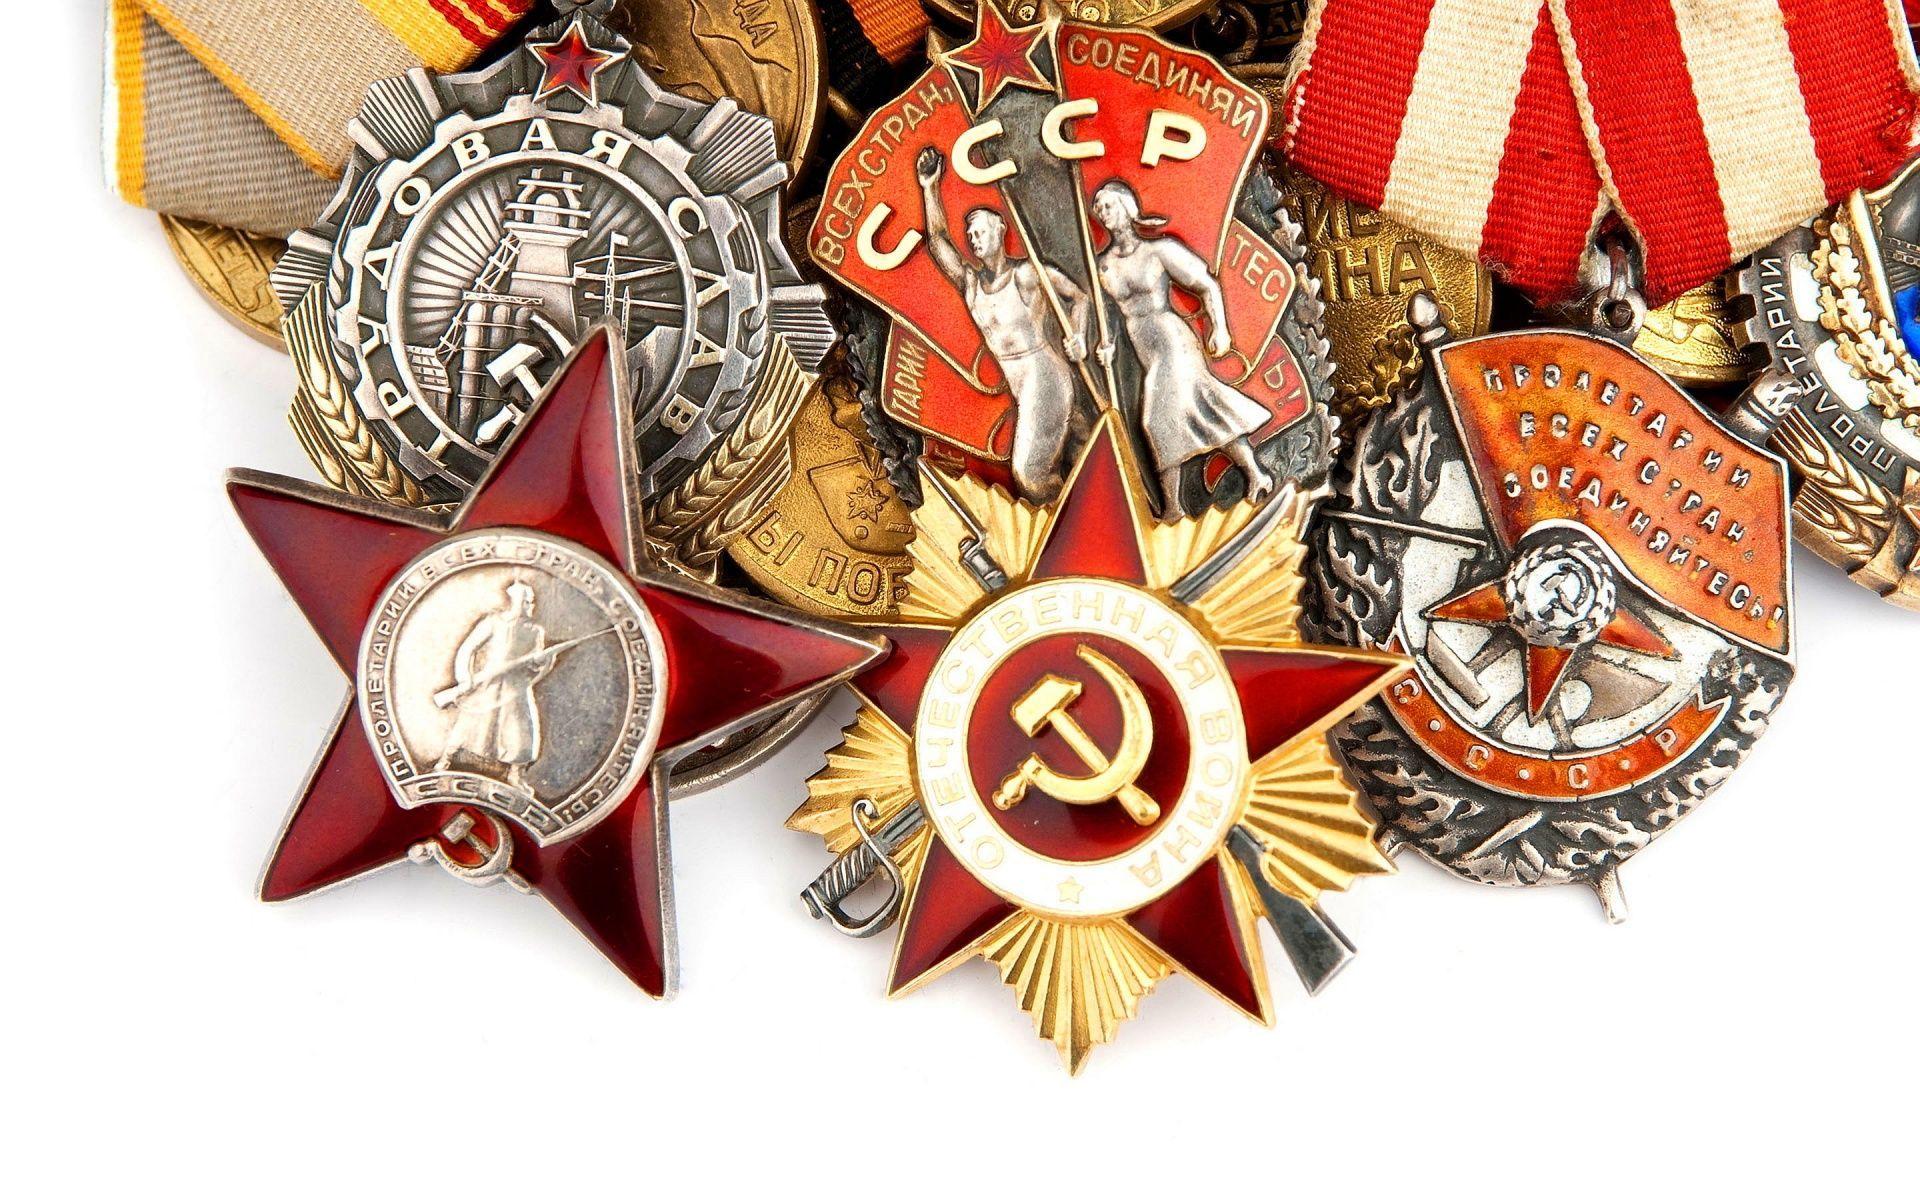 ¿Como se llamaban los distintos estados que existían dentro de la Unión Soviética?